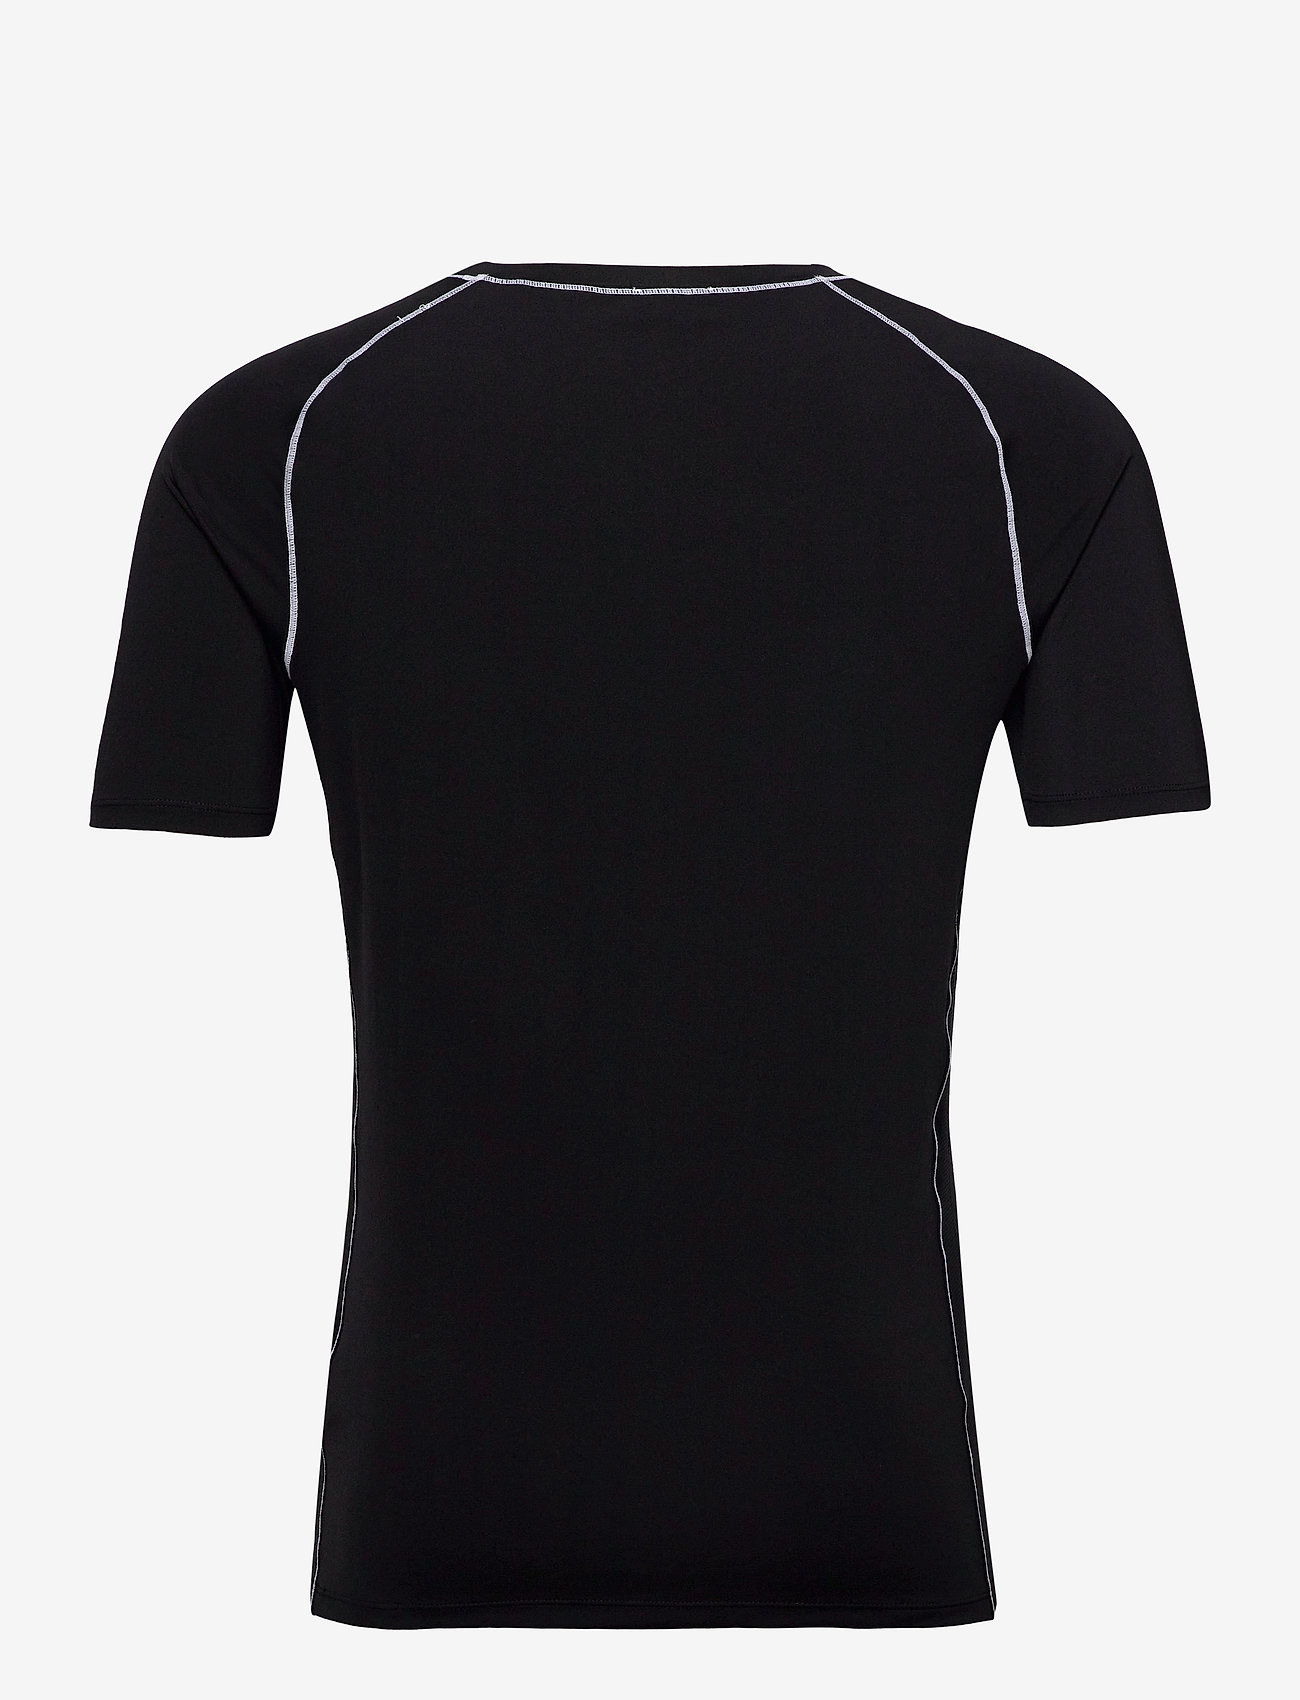 Diesel Men - UMTEE-YOSHI T-SHIRT - basic t-shirts - black - 1